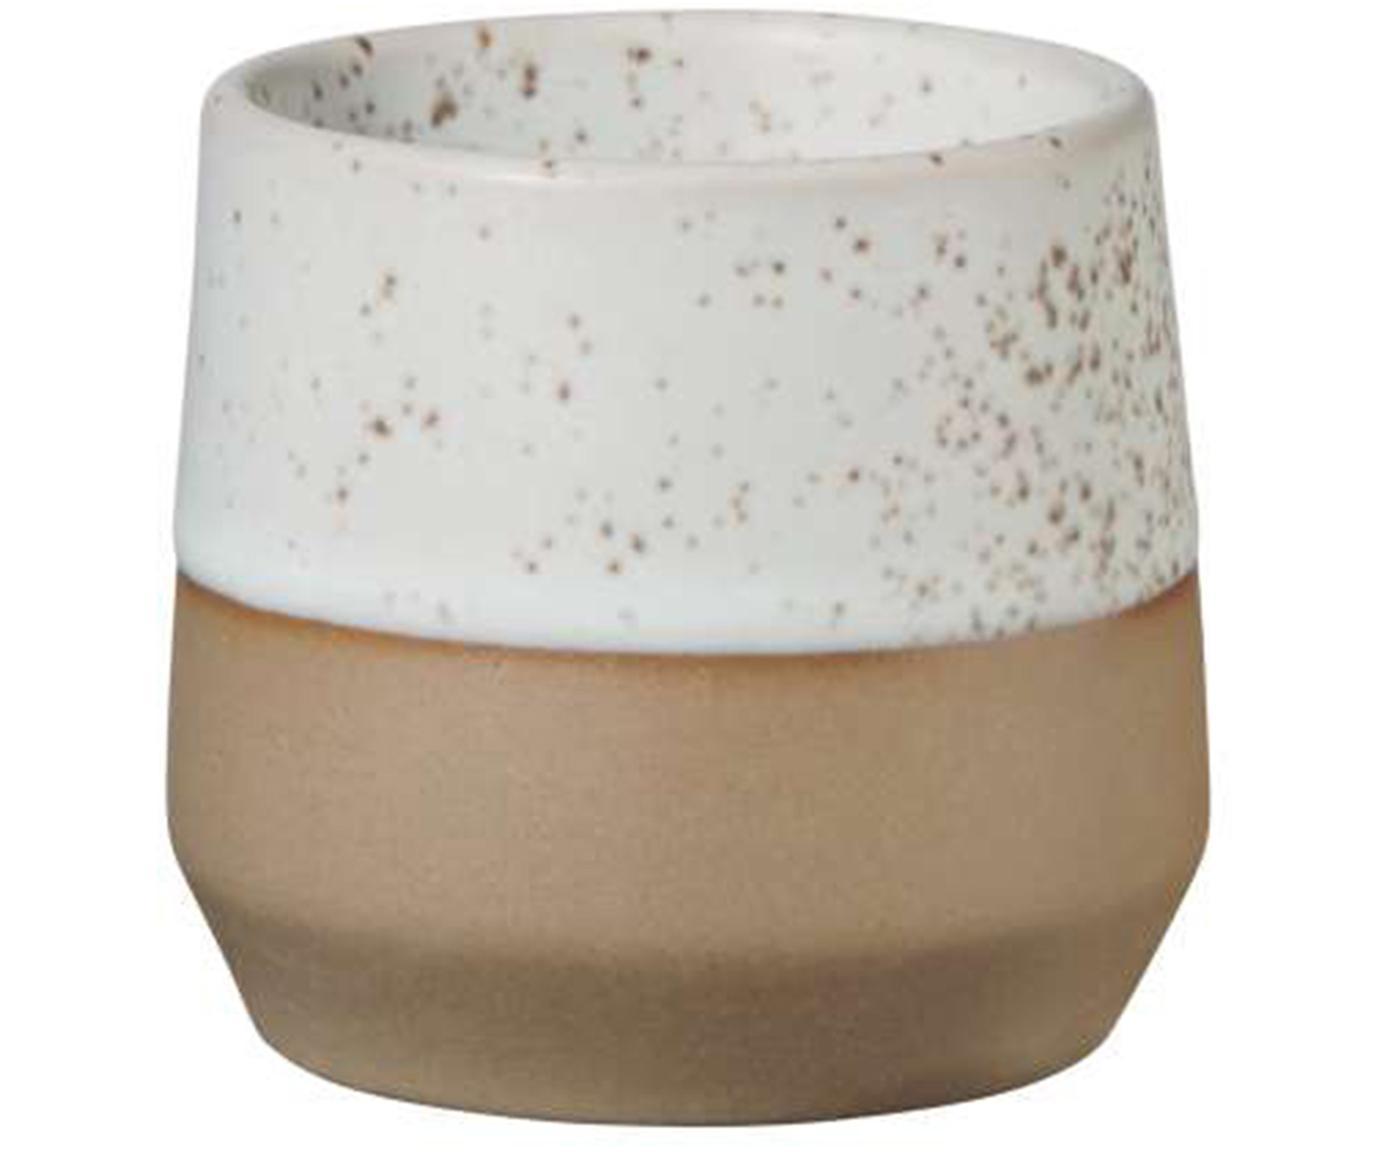 Eierdopjes Caja mat in bruin- en beigetinten, 2 stuks, Klei, Bruin- en beigetinten, Ø 5 x H 5 cm